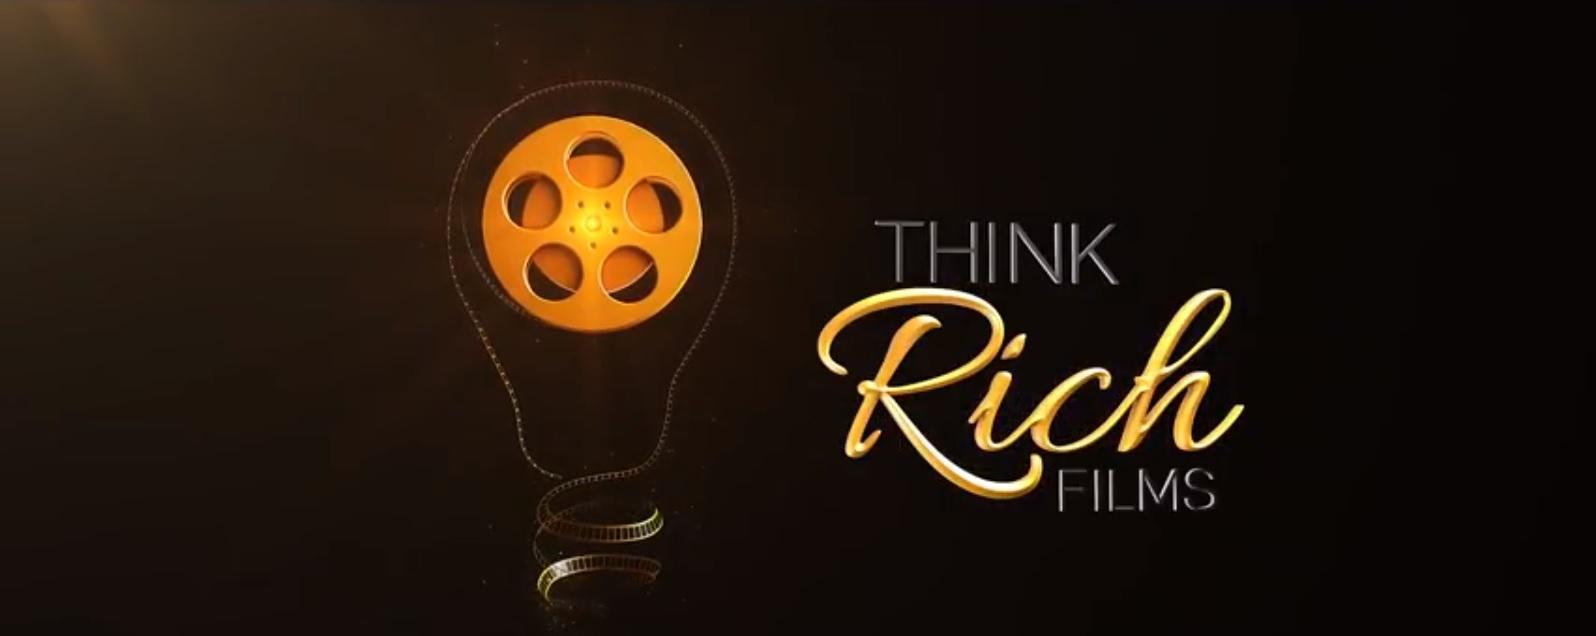 FILMY ONLINE: Hledáte Online Filmy? Vyberte z naší nabídky…